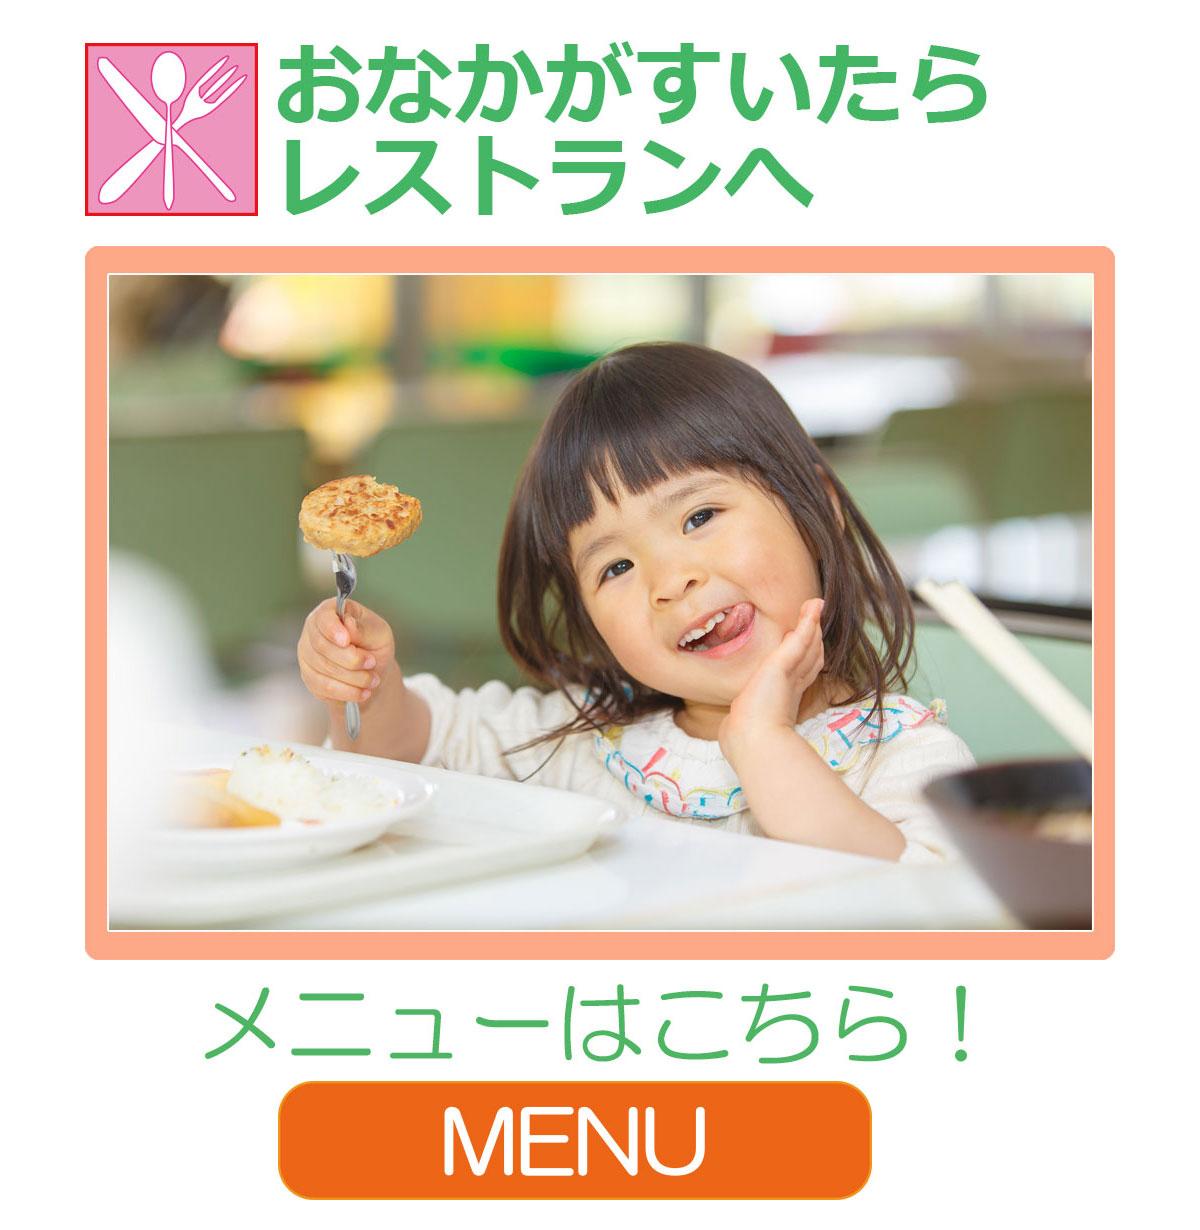 お腹が空いたらレストランへ